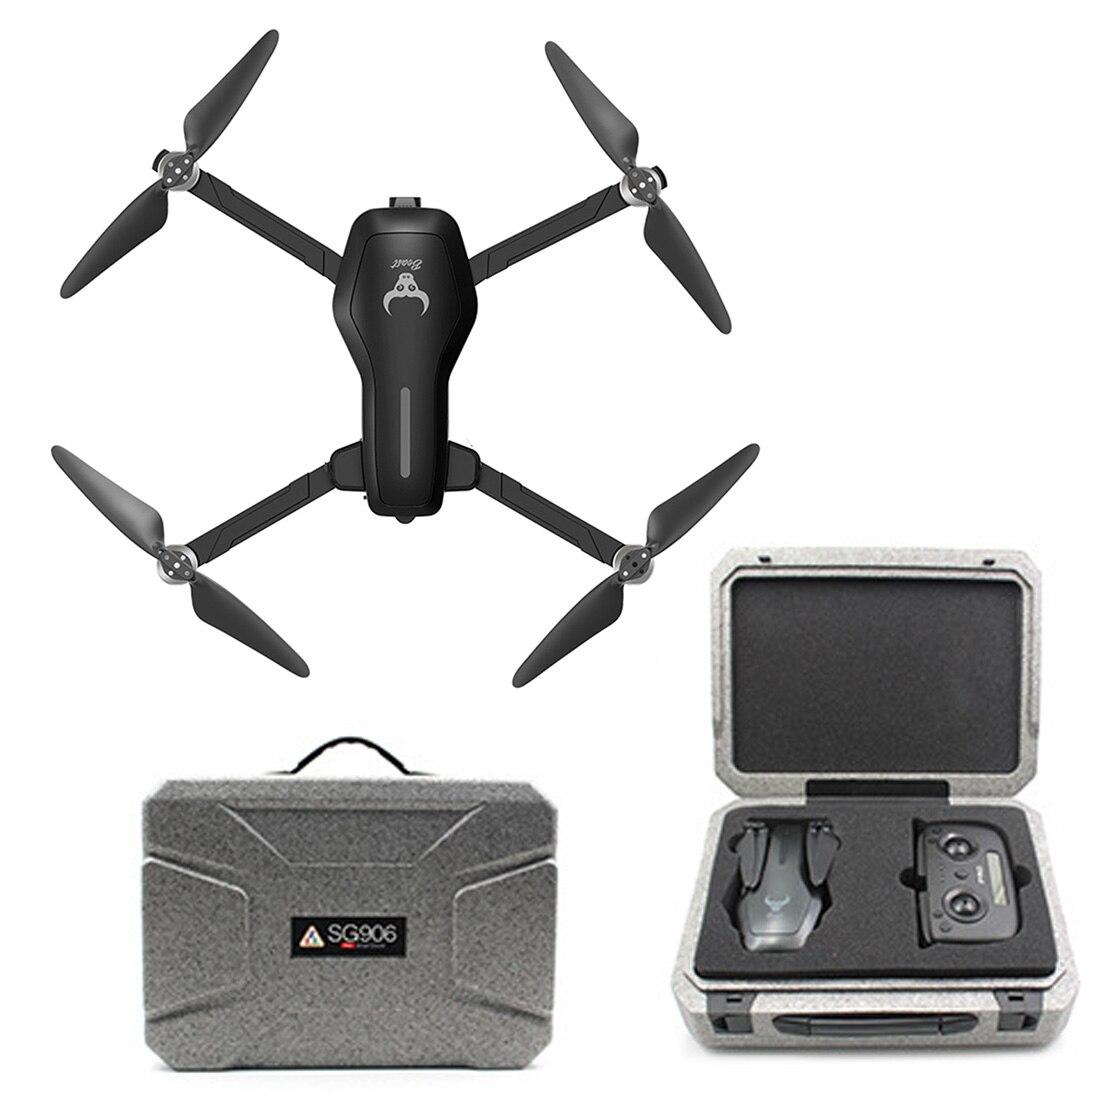 2020 novo zangão fpv de sg906pro 5g wifi com gps sem escova 4k câmera anti-agitação de dois eixos mecânica rc quadcopter dobrável zangão